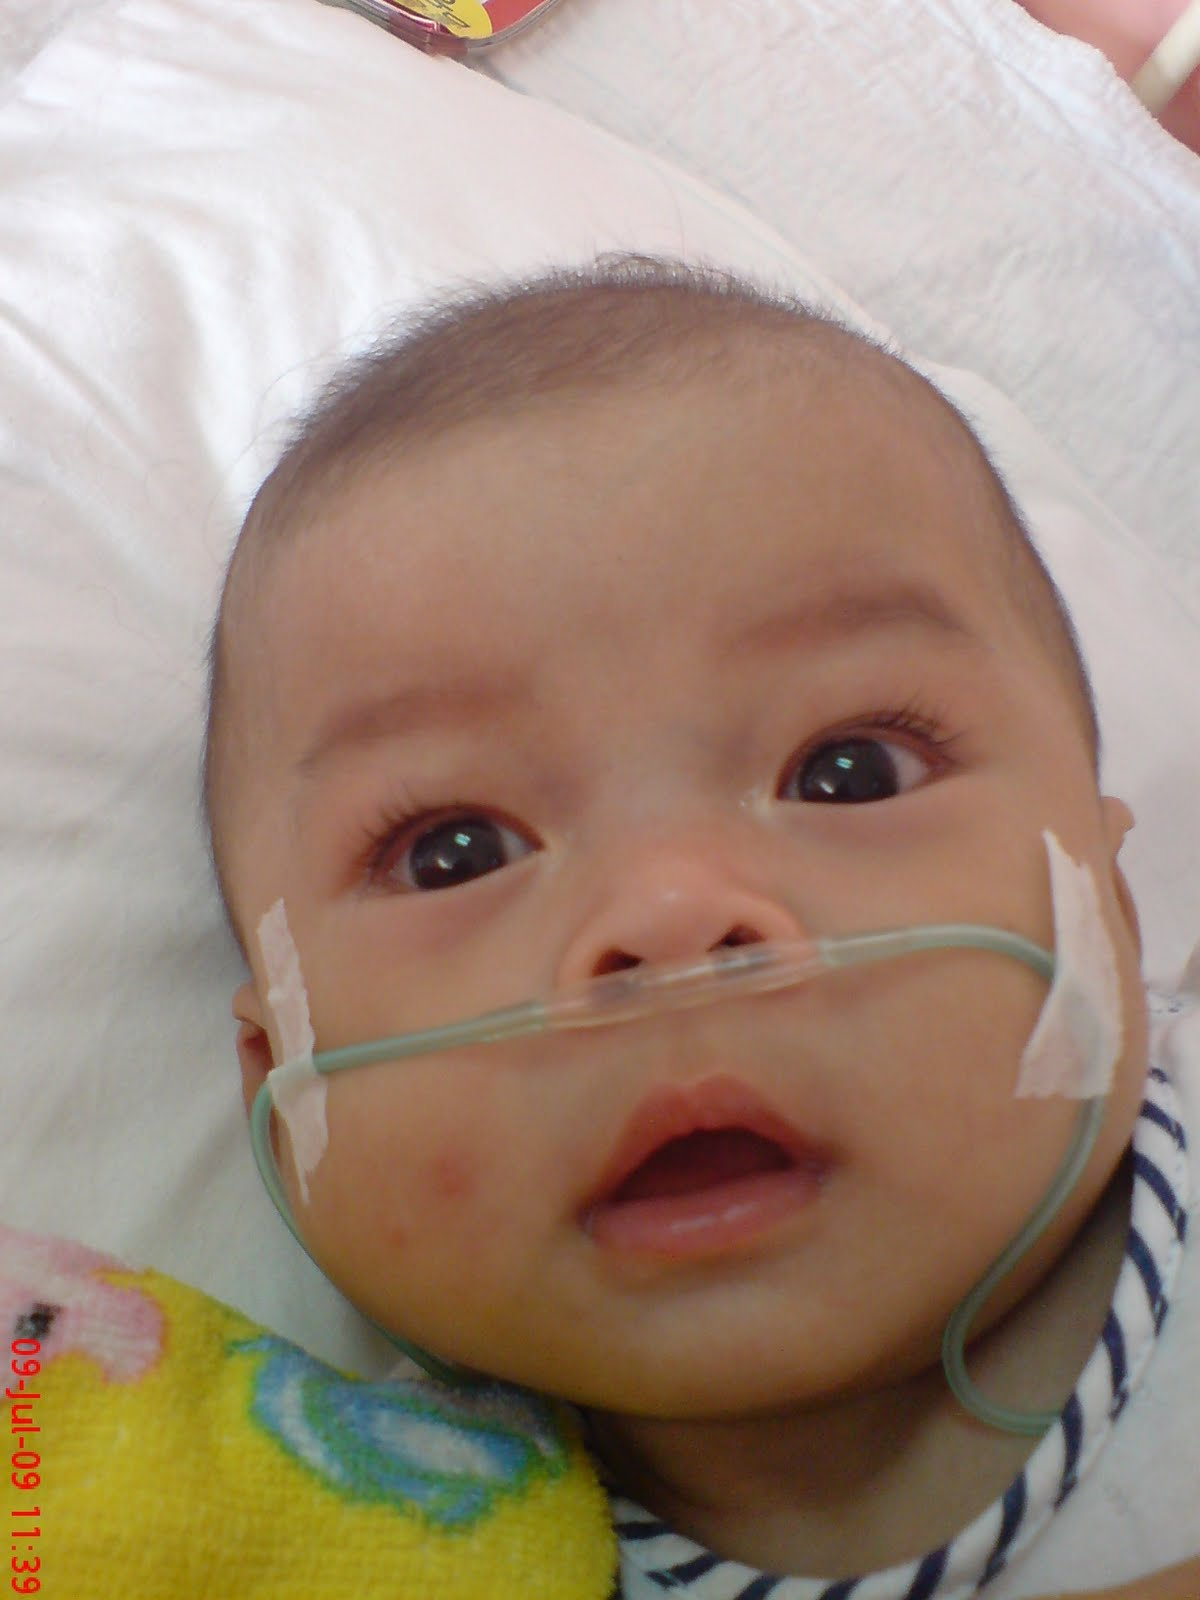 Anas - 6 months (5.6 kg)